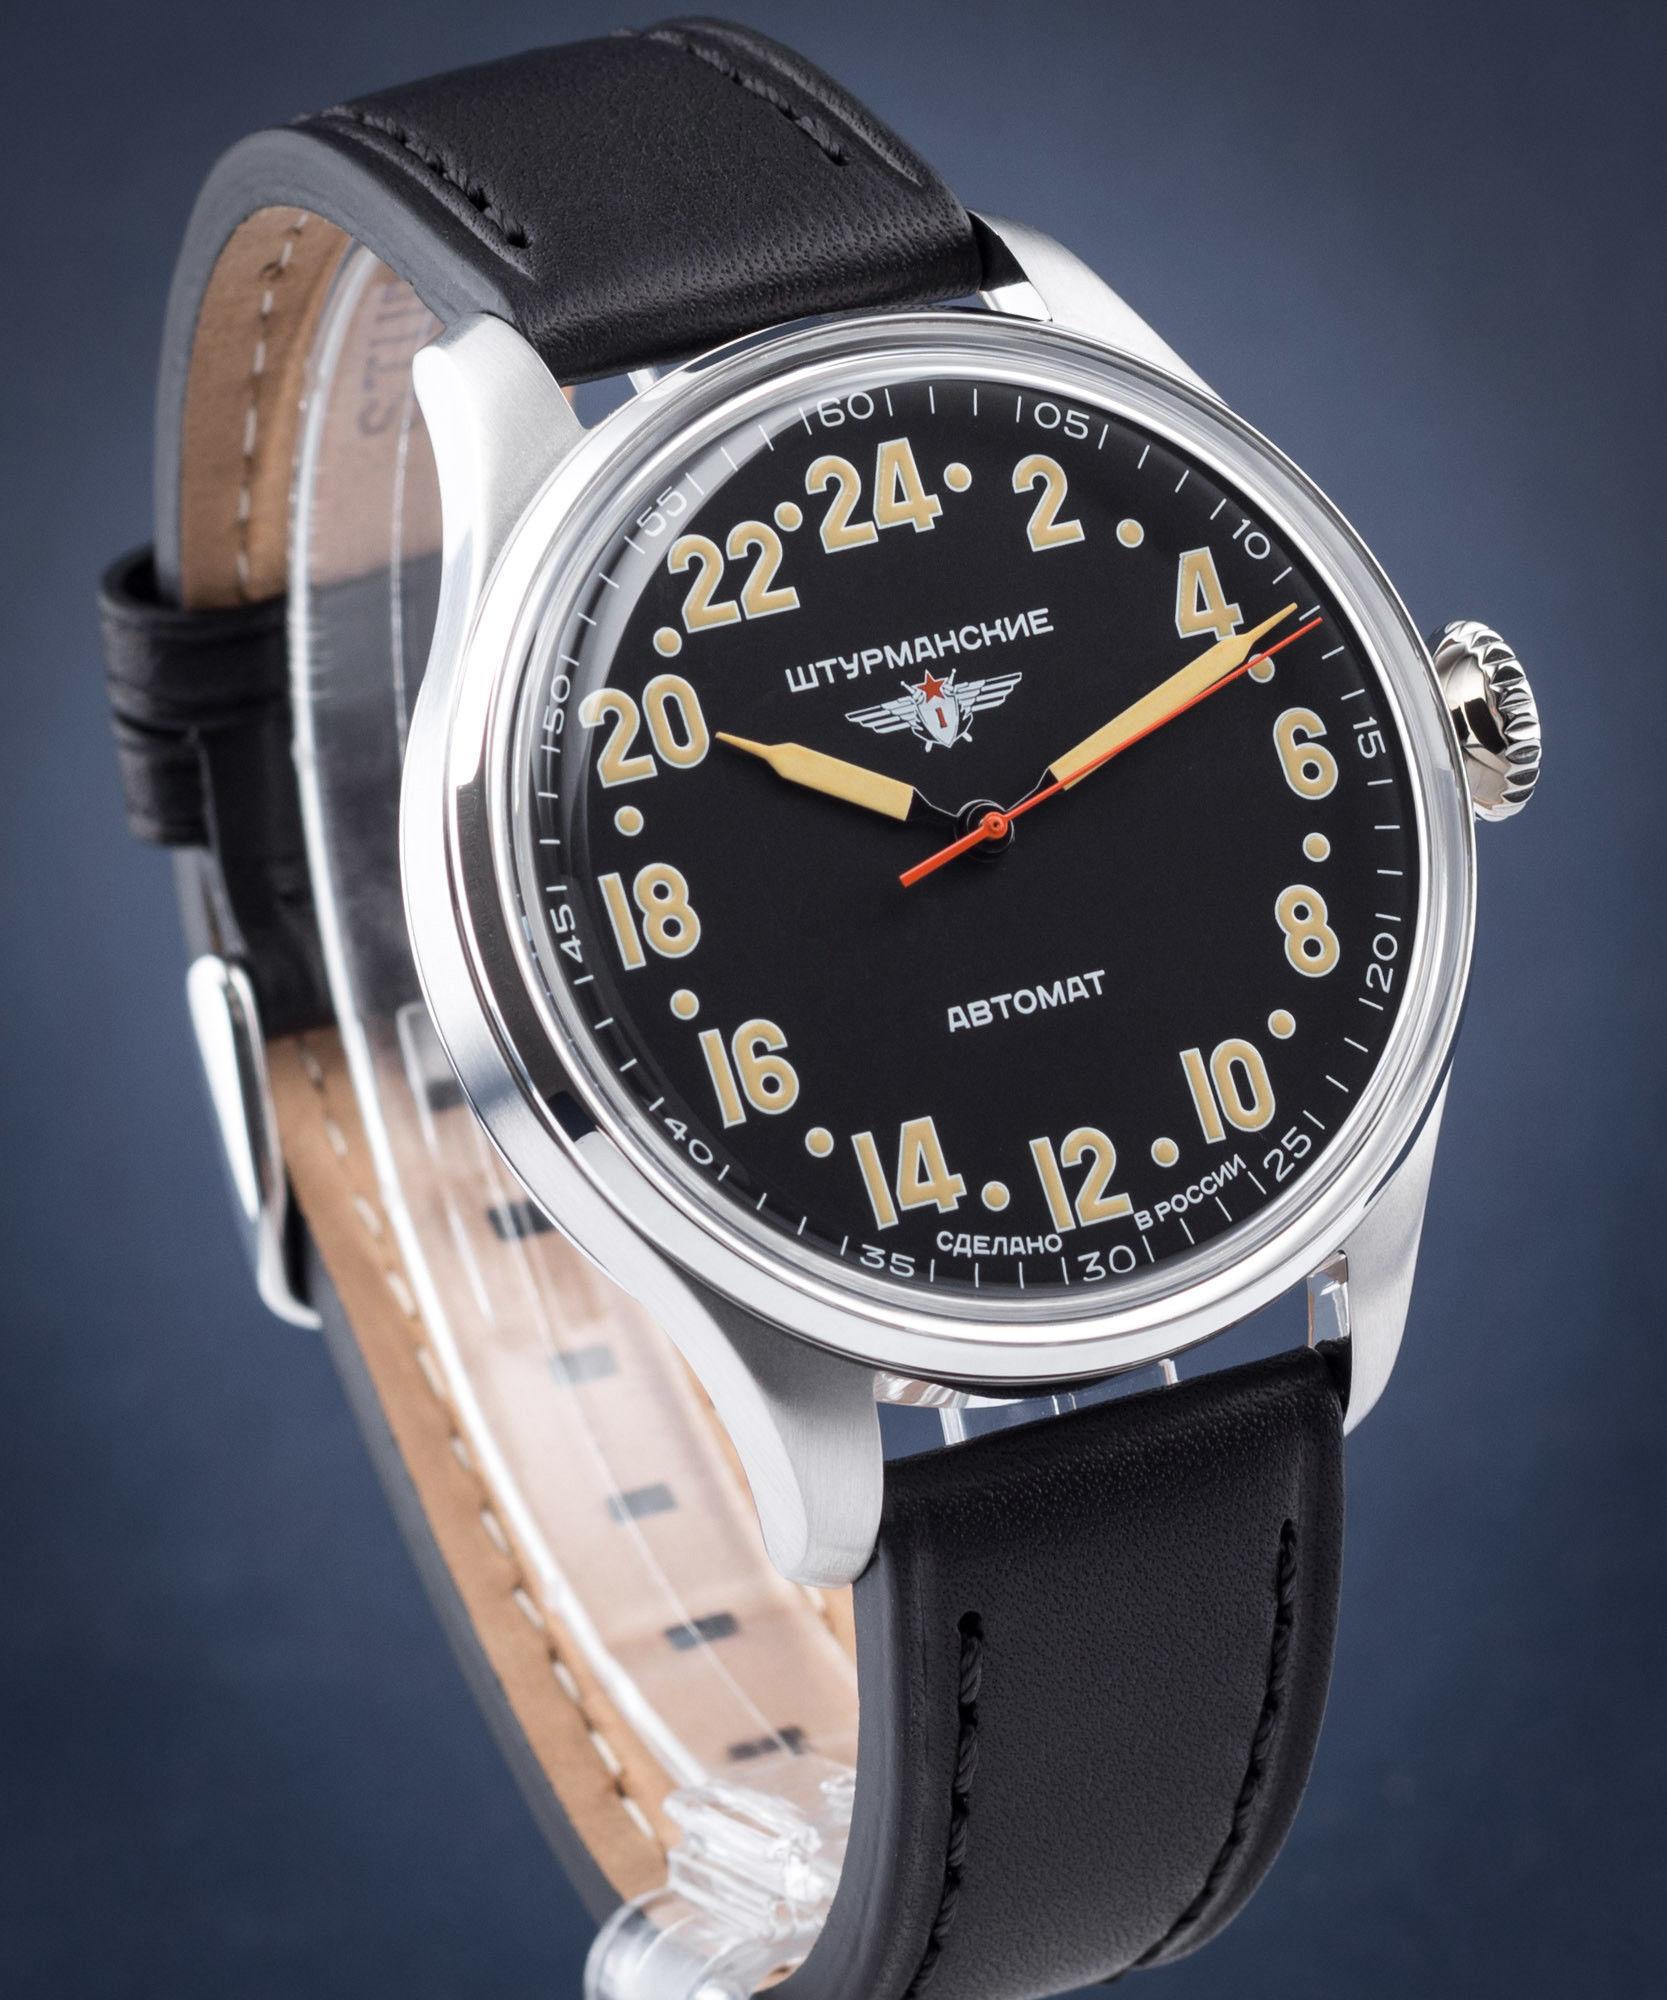 Zegarek Sturmanskie 2431-6821341 Arctic - CENA DO NEGOCJACJI - DOSTAWA DHL GRATIS, KUPUJ BEZ RYZYKA - 100 dni na zwrot, możliwość wygrawerowania dowolnego tekstu.